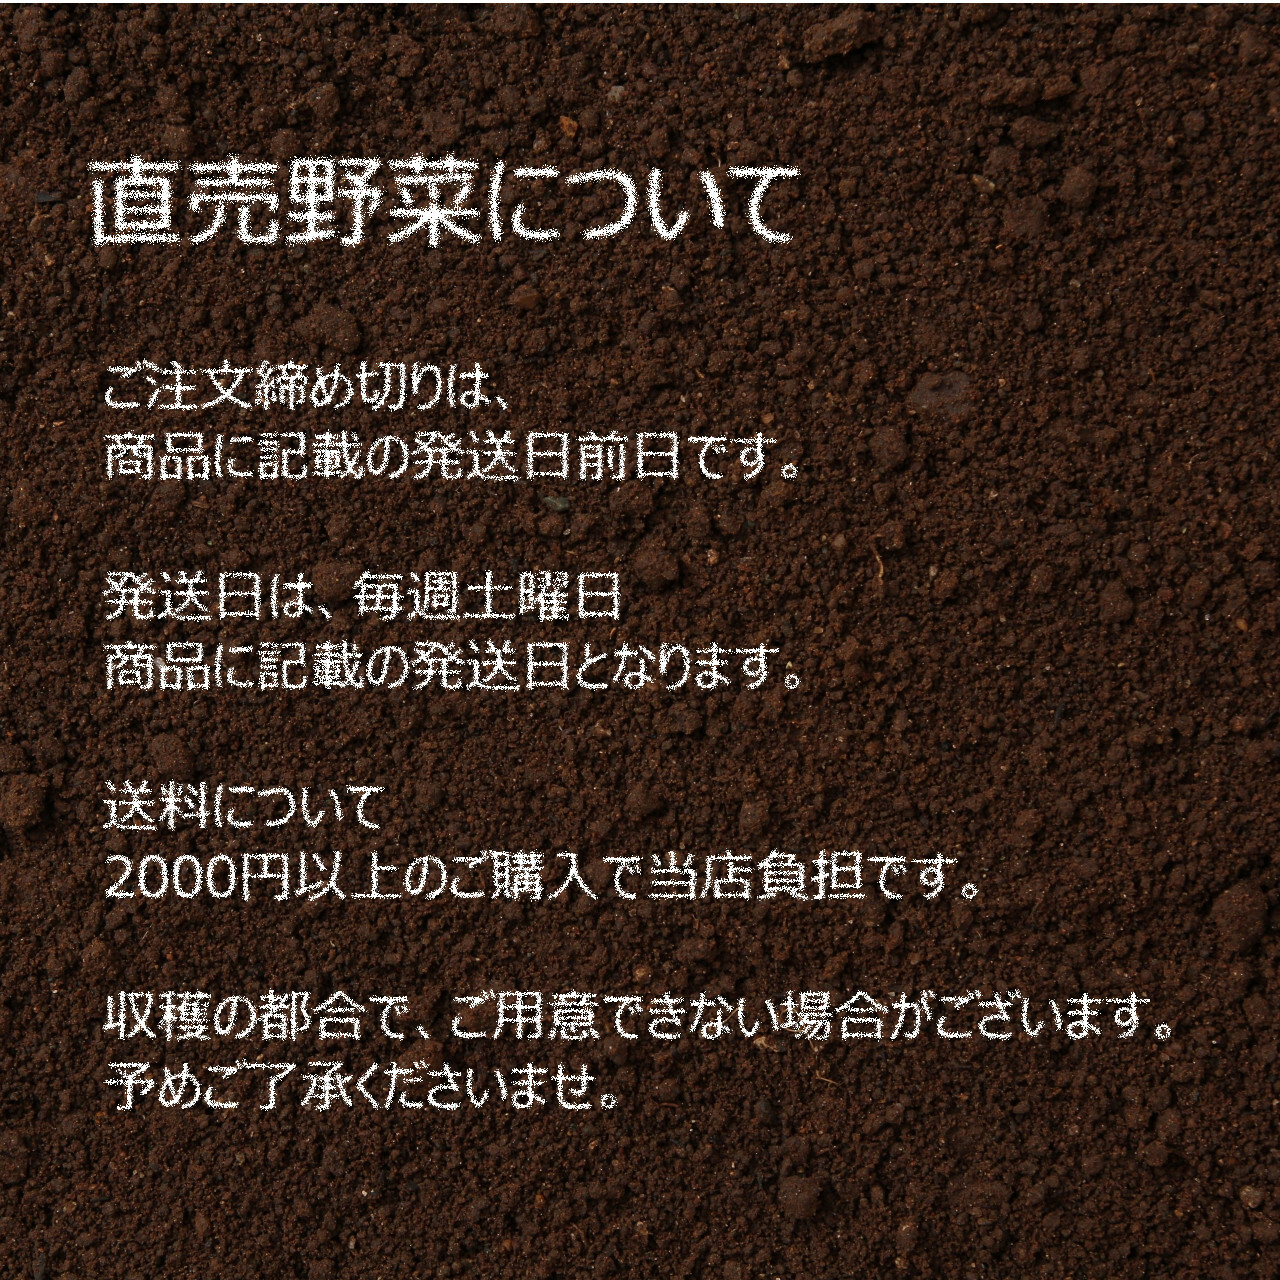 8月の朝採り直売野菜 : チンゲン菜 約300g 新鮮夏野菜 8月24日発送予定